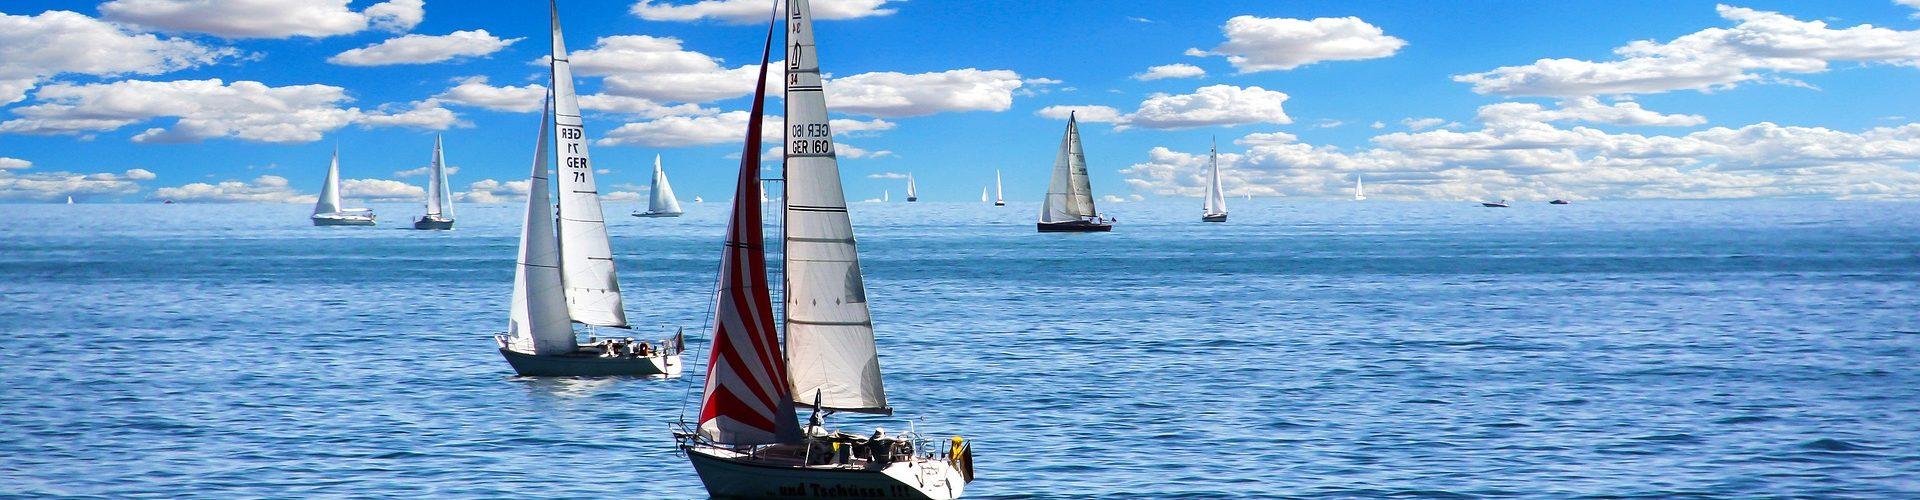 segeln lernen in Oderberg segelschein machen in Oderberg 1920x500 - Segeln lernen in Oderberg